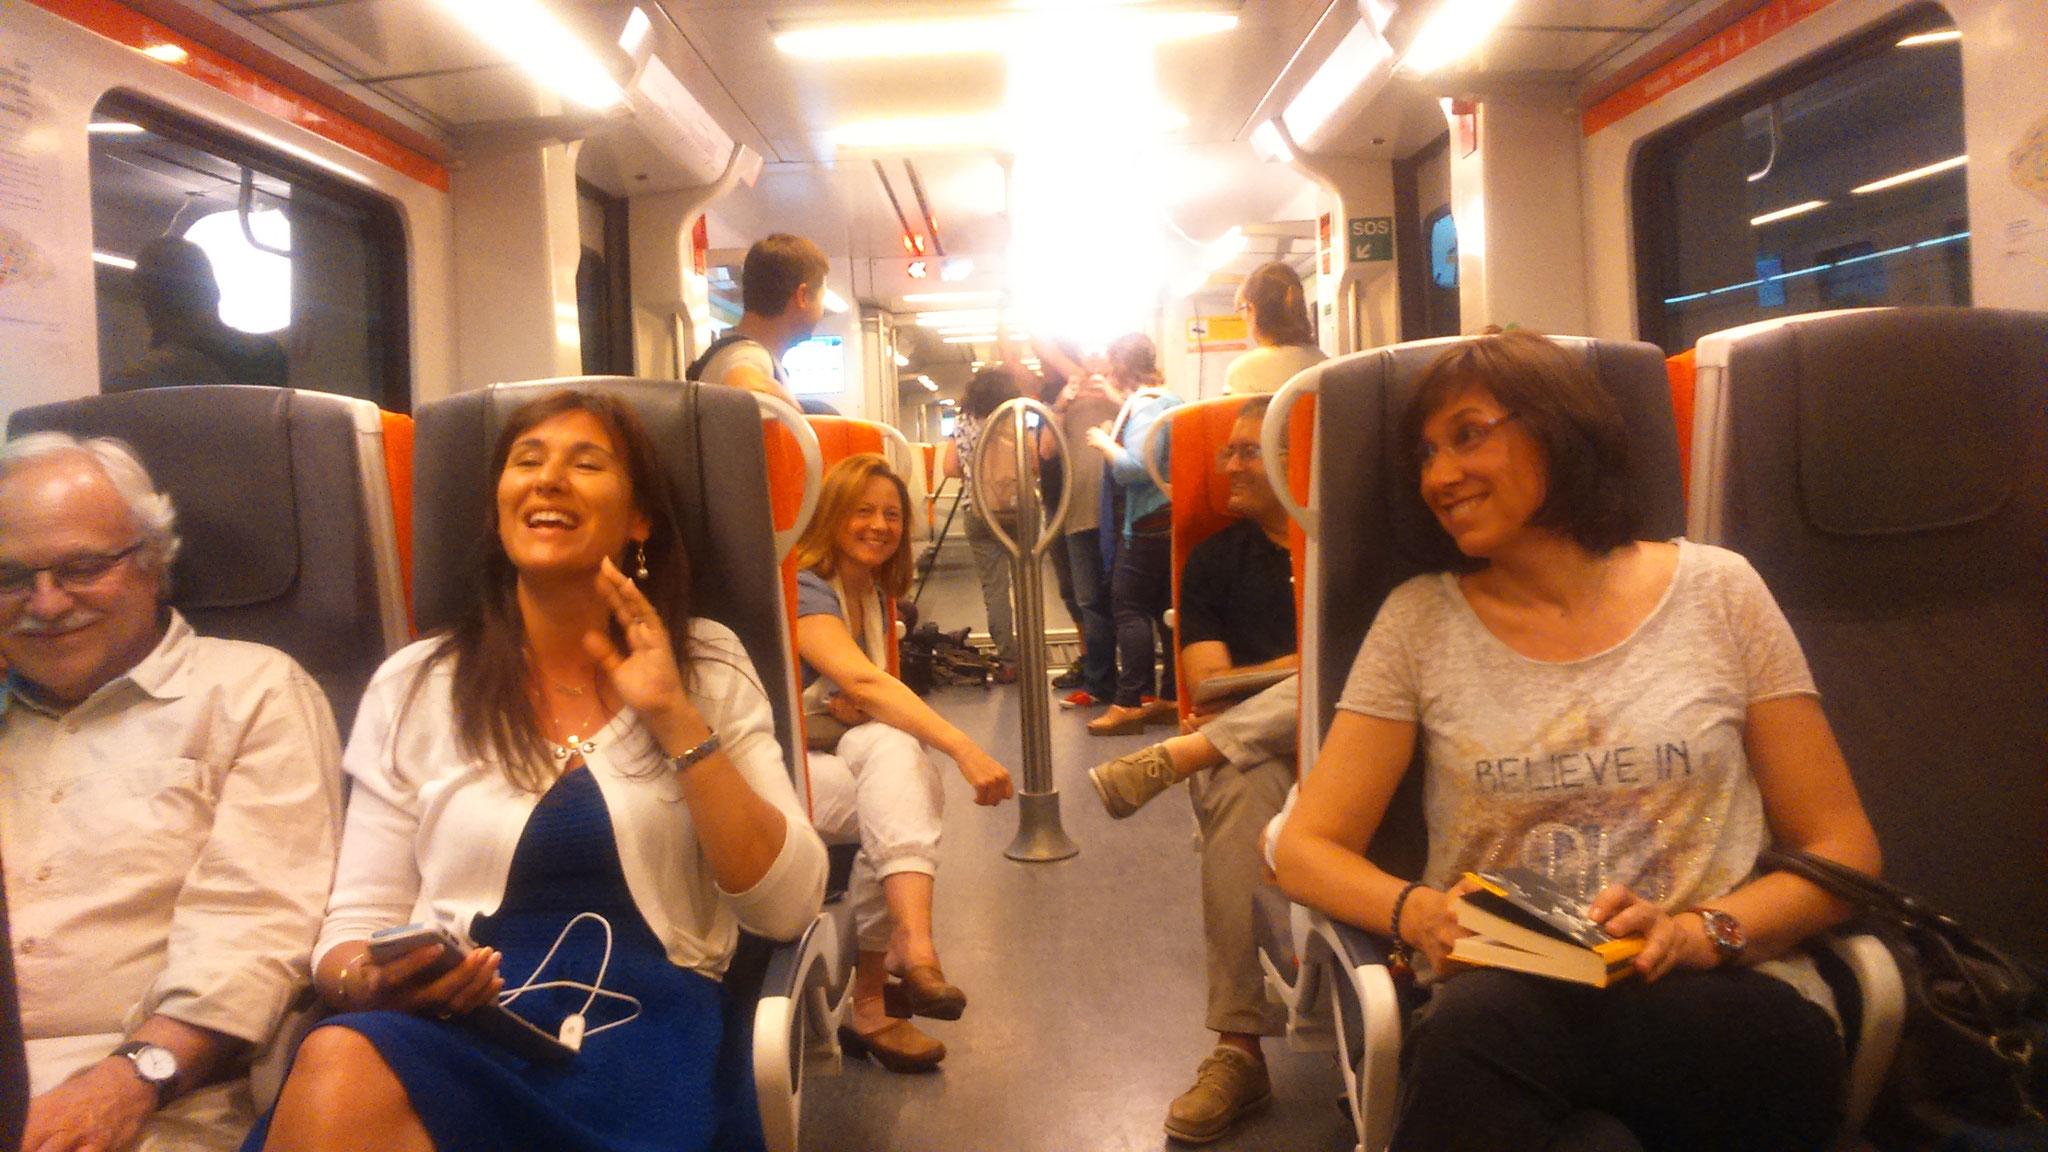 Dins el tren